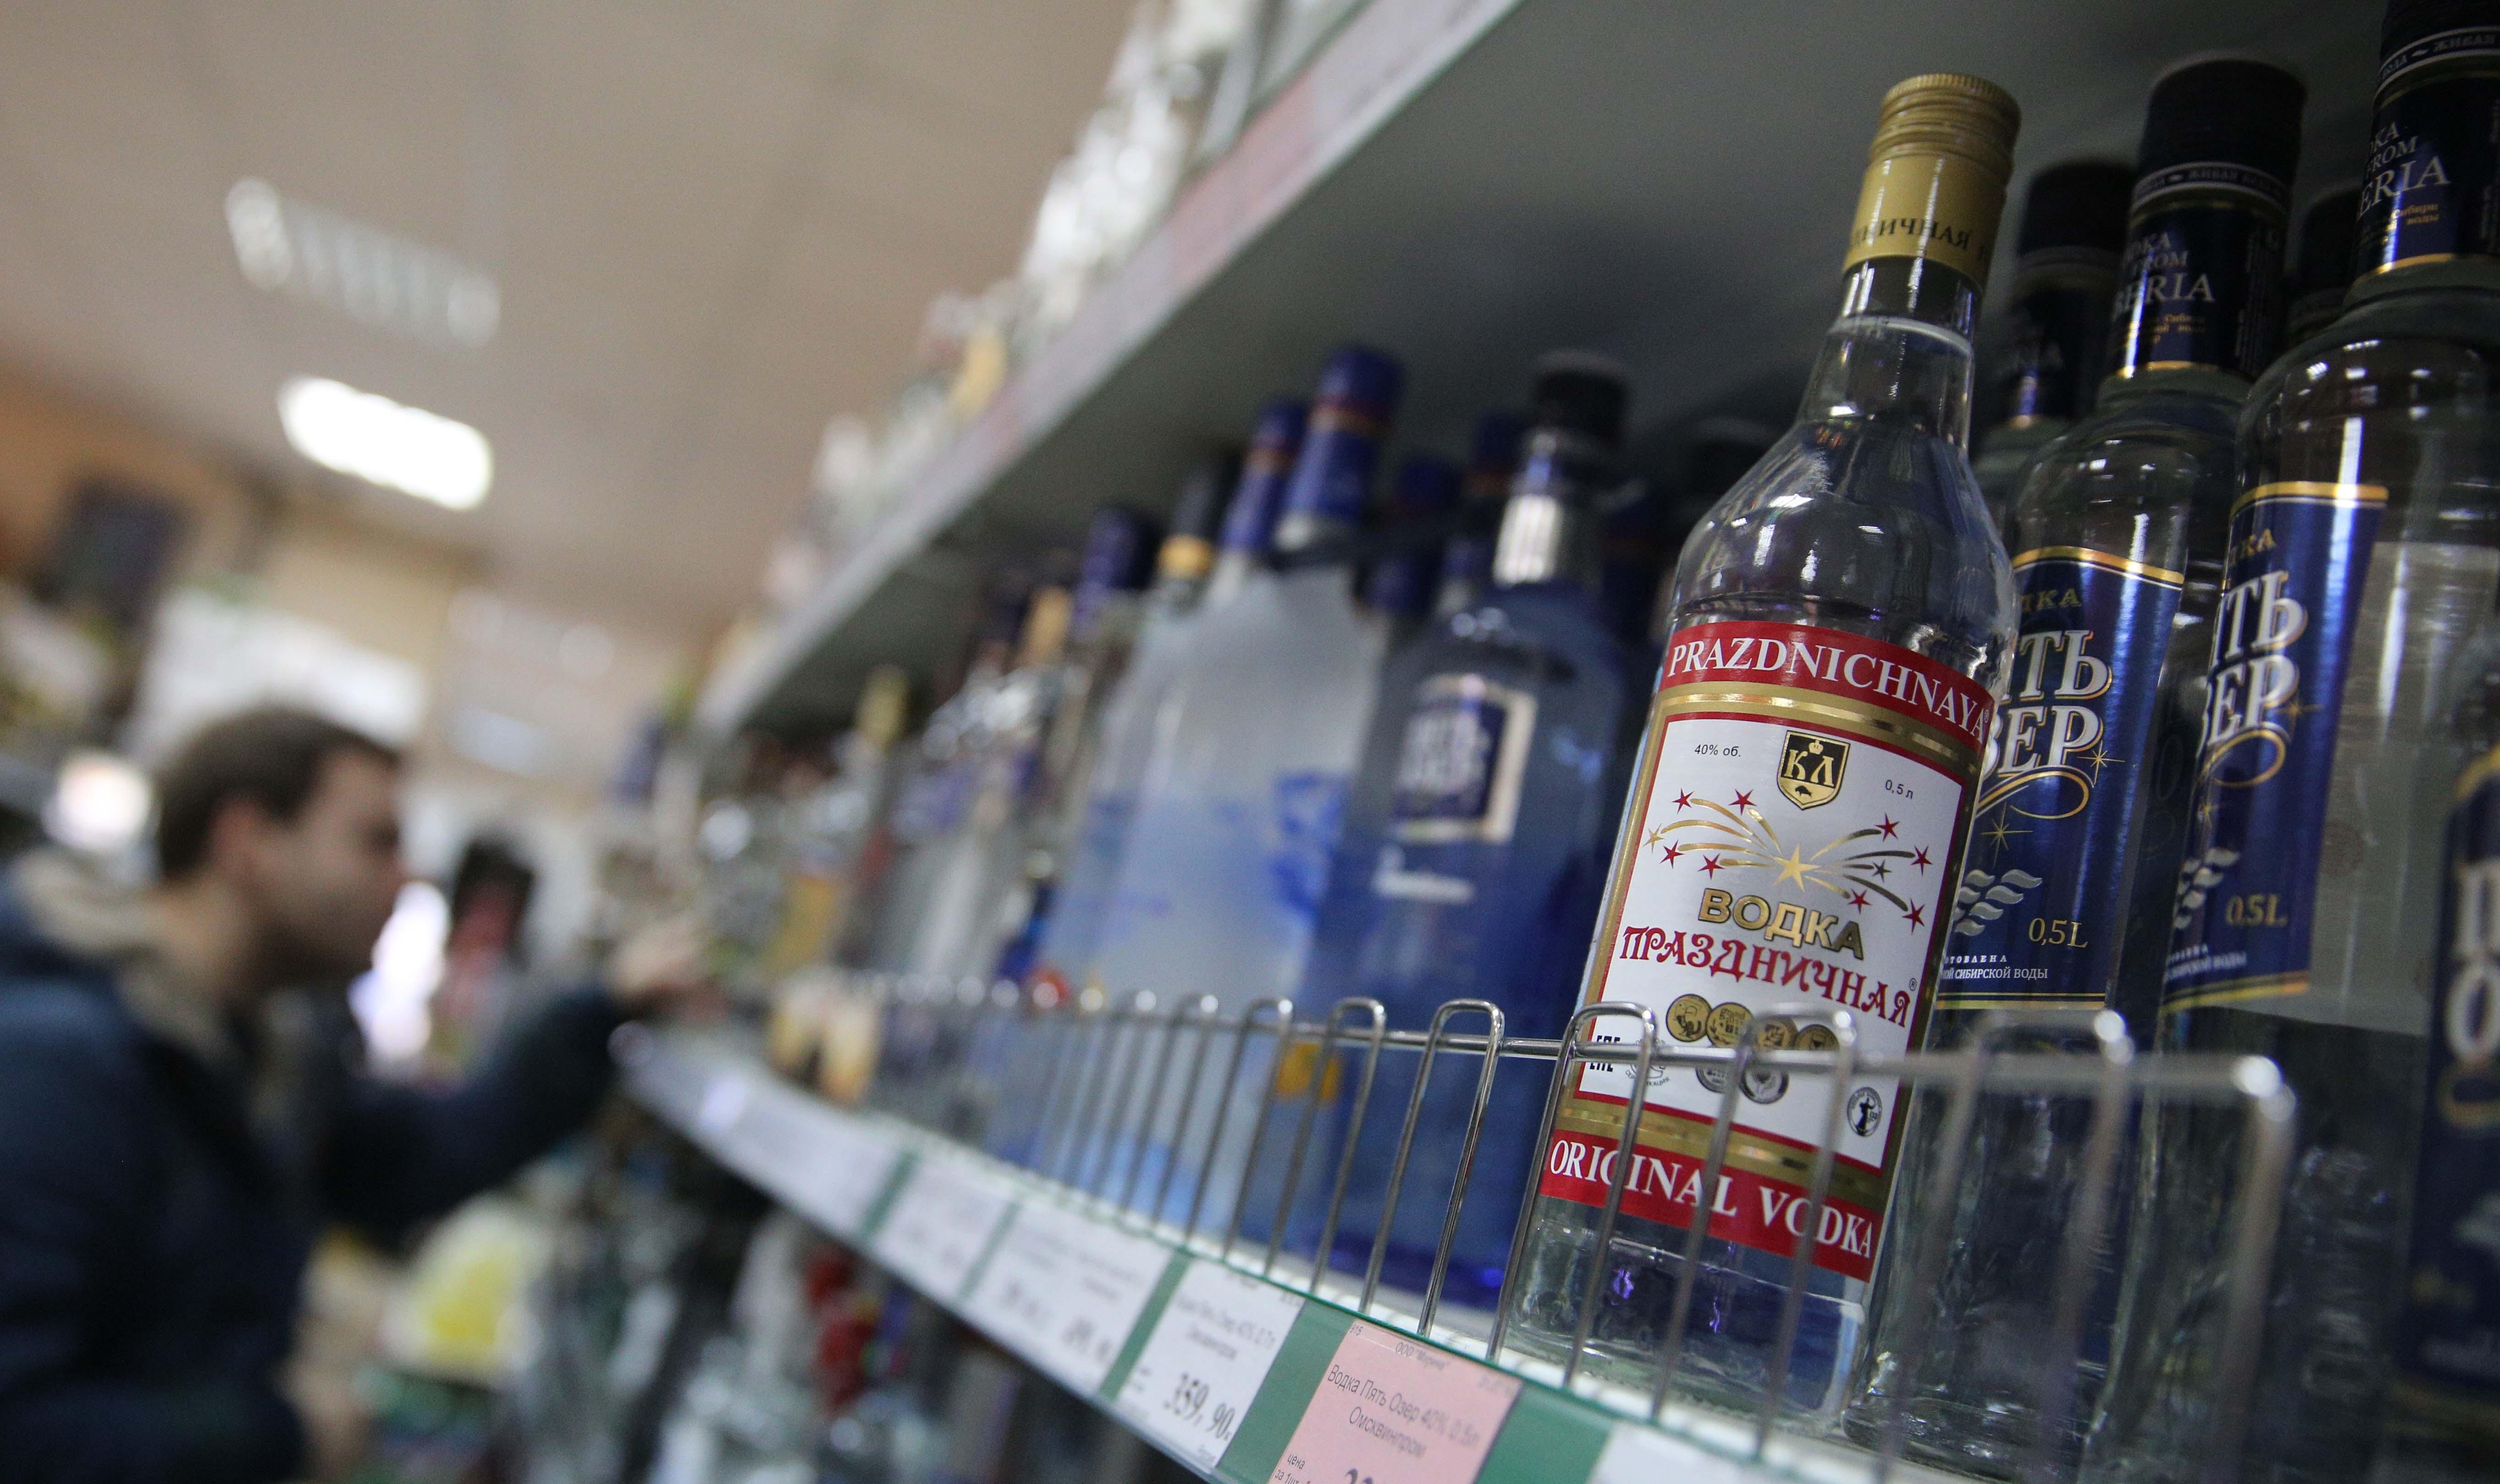 Как правильно выбрать хорошую водку